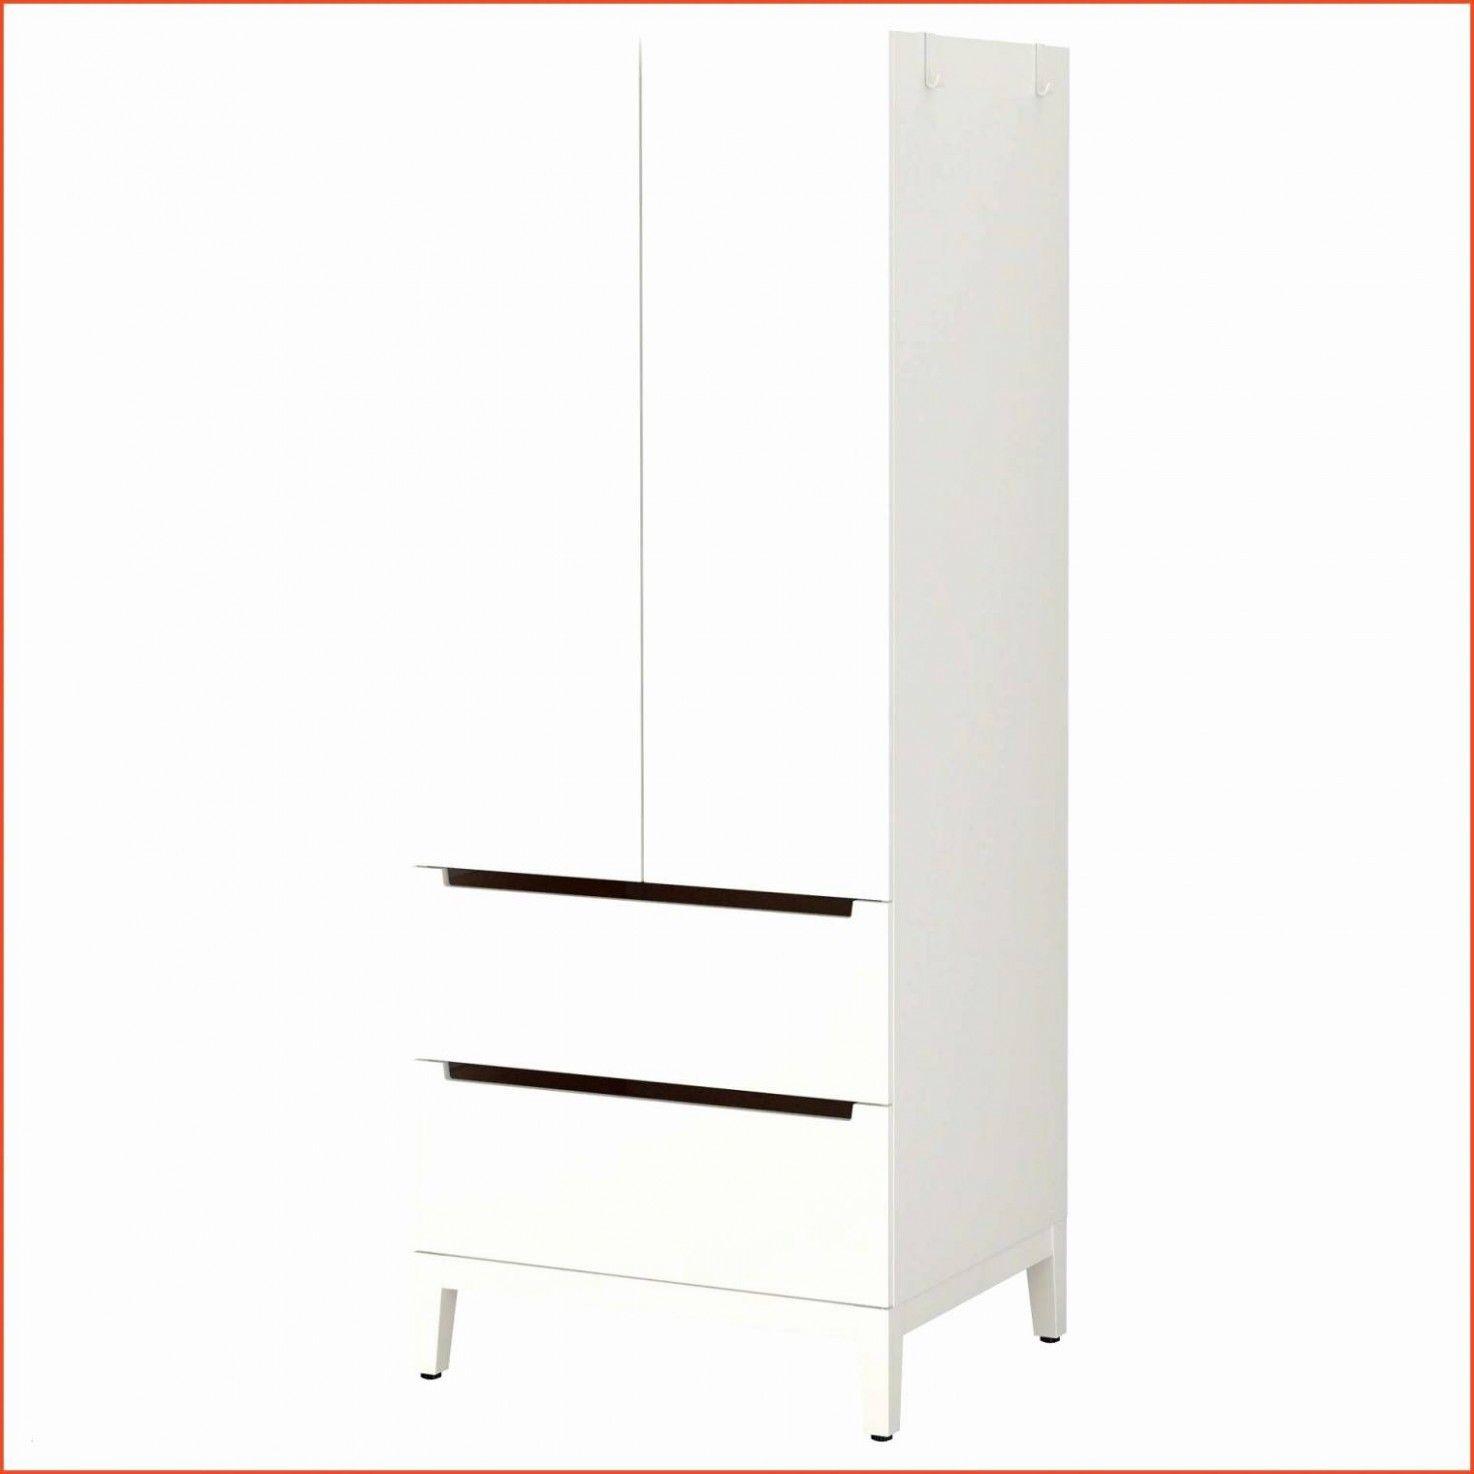 Tutti Wohnzimmerschrank  Tall cabinet storage, House design, Home